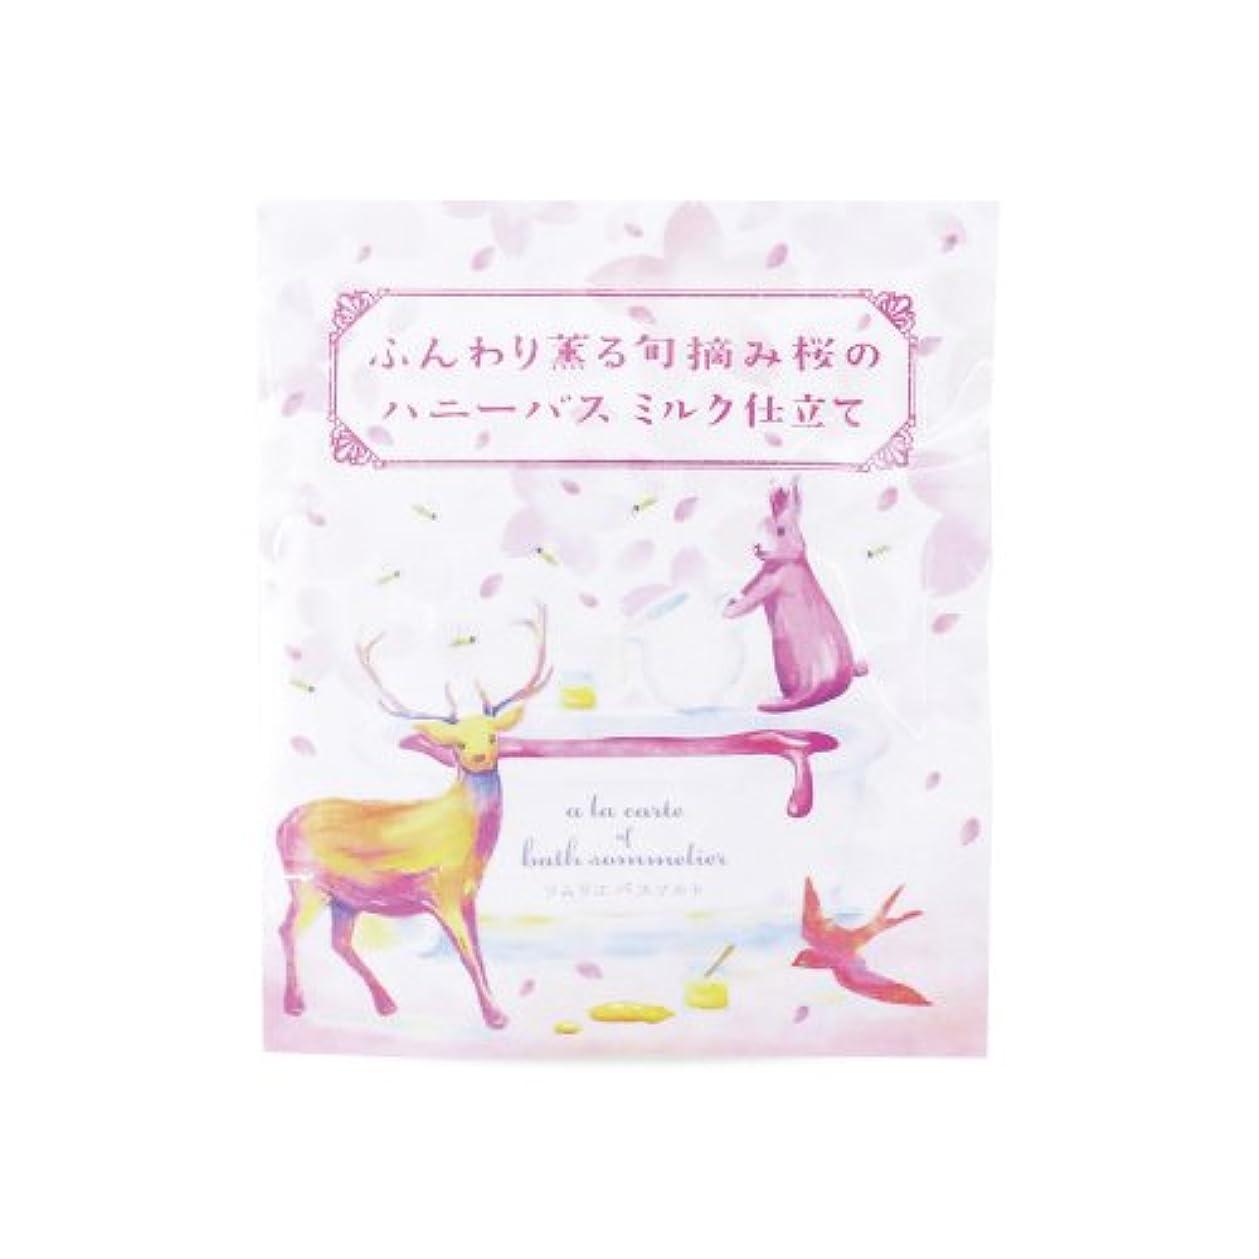 単独で呪われたアベニューチャーリー ソムリエバスソルト 旬摘み桜のハニーバスミルク仕立て